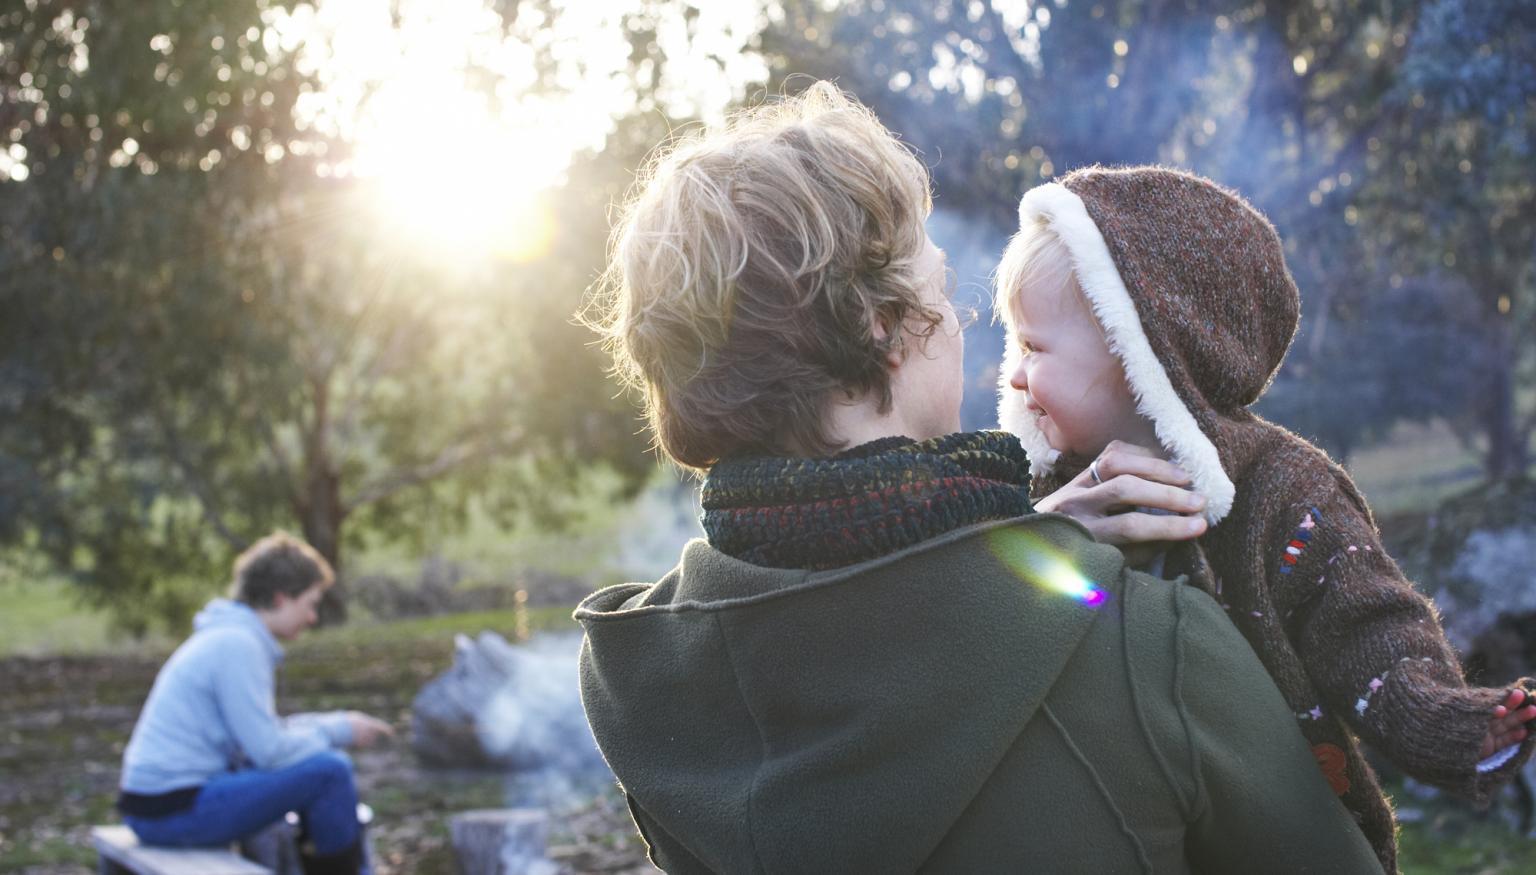 family holiday australia budget